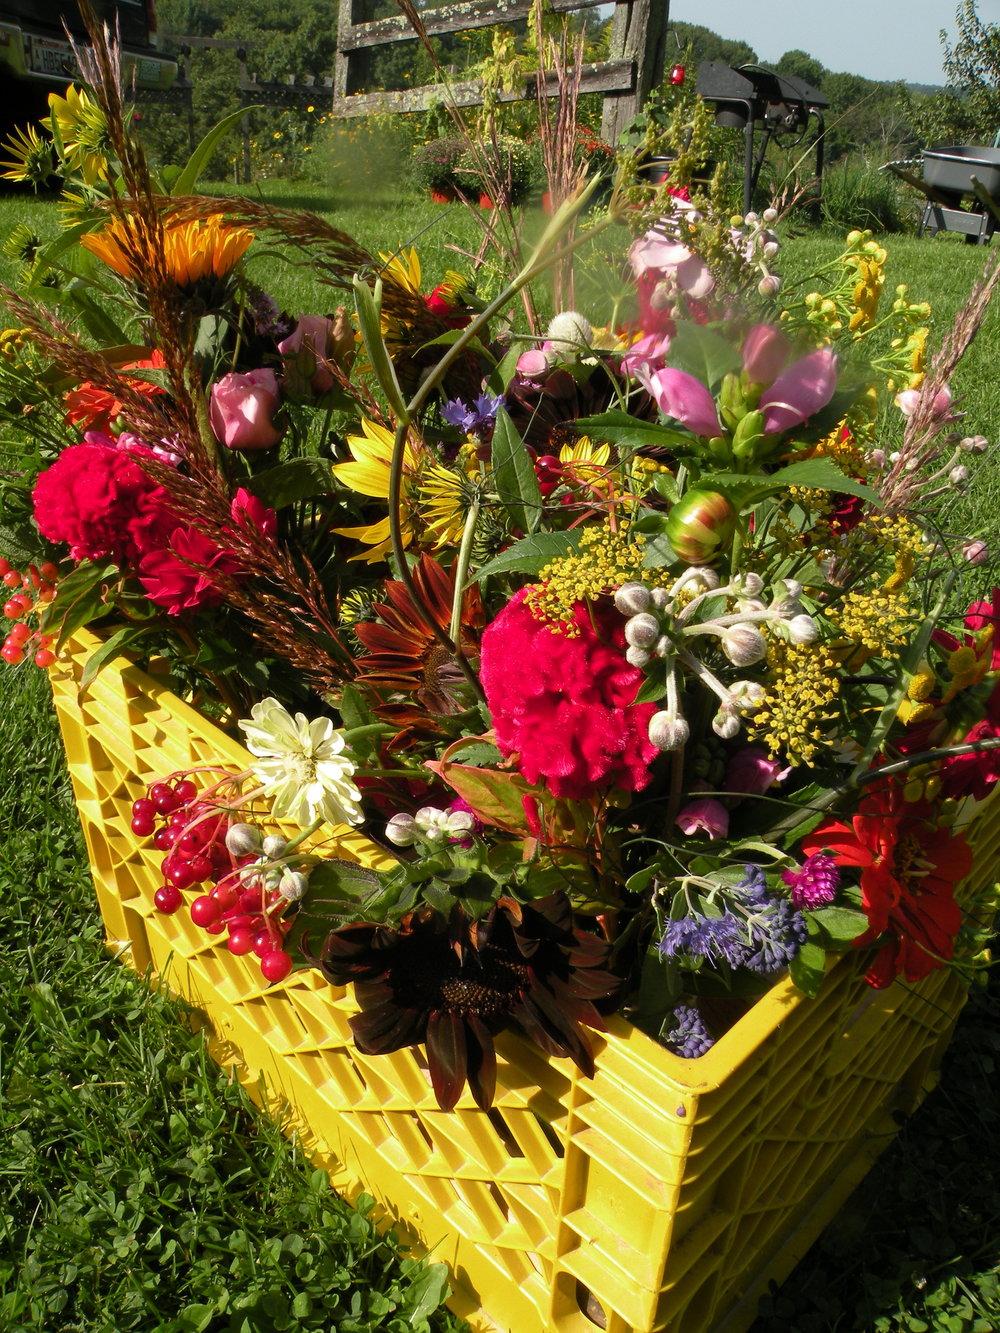 flower csa harvest 9 - 3- 17.jpg